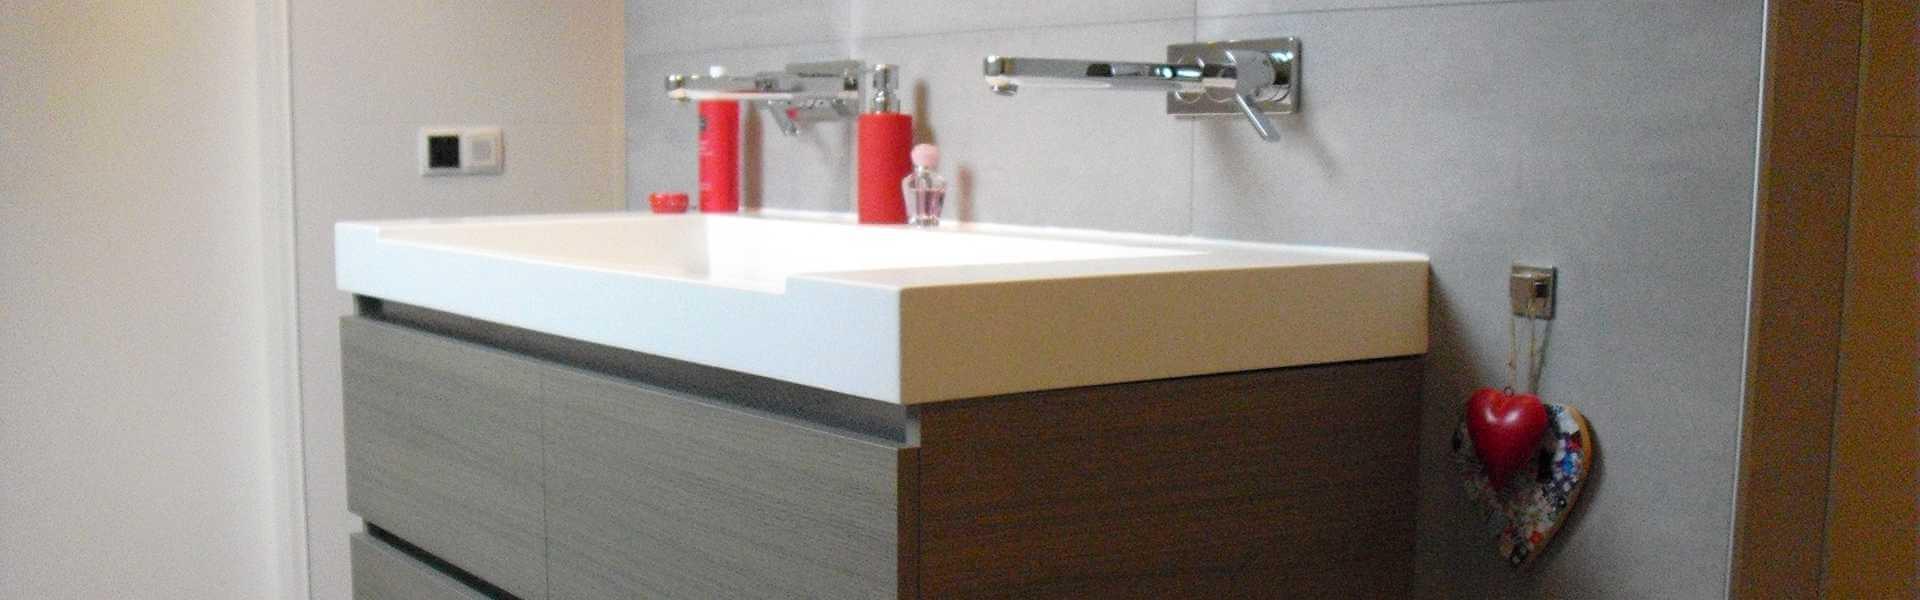 Frans Kooistra Multiservice badkamer